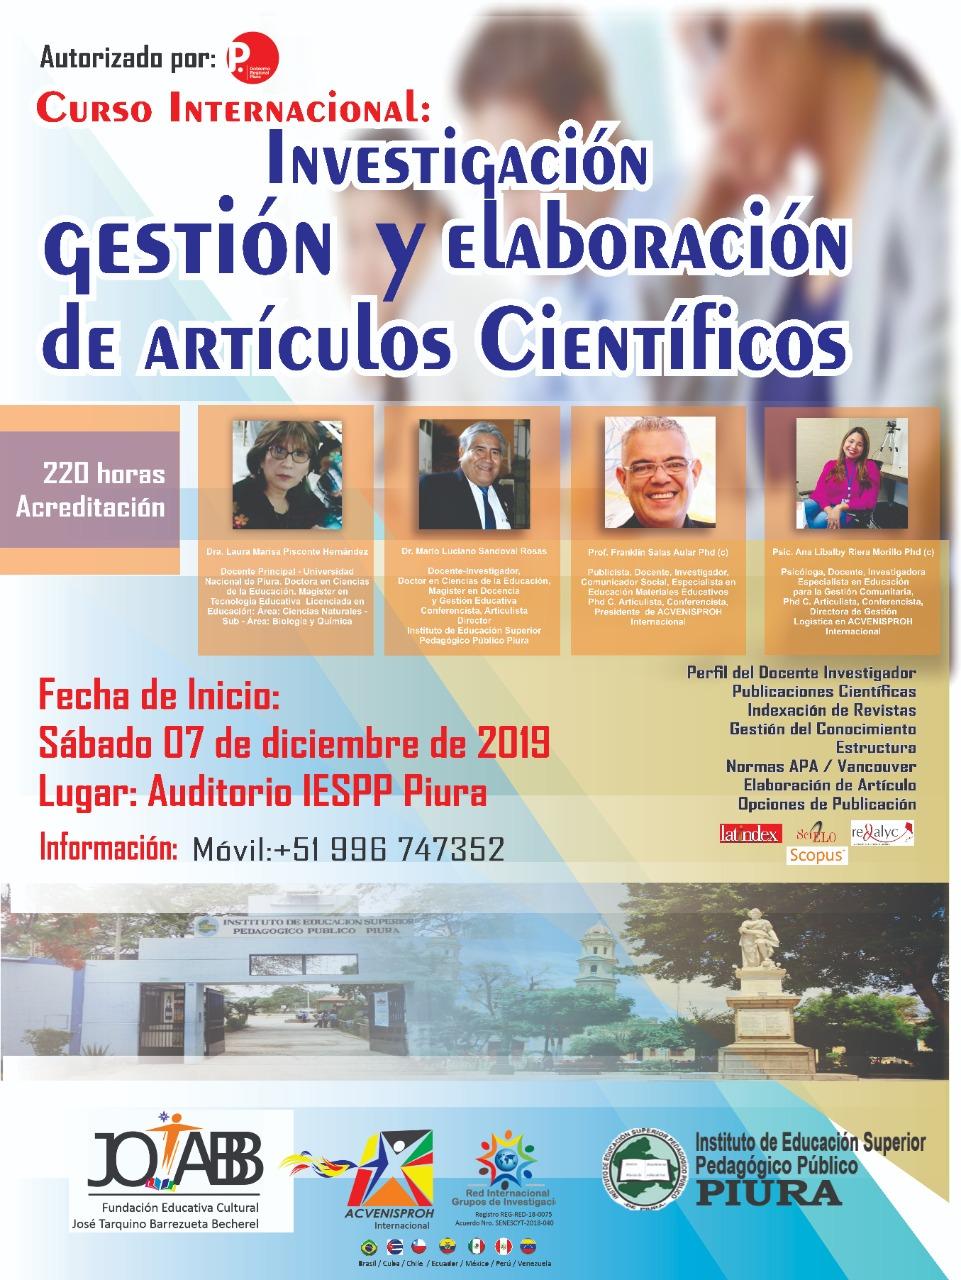 Curso Internacional: Investigación, Gestión y Elaboración de Artículos Científicos